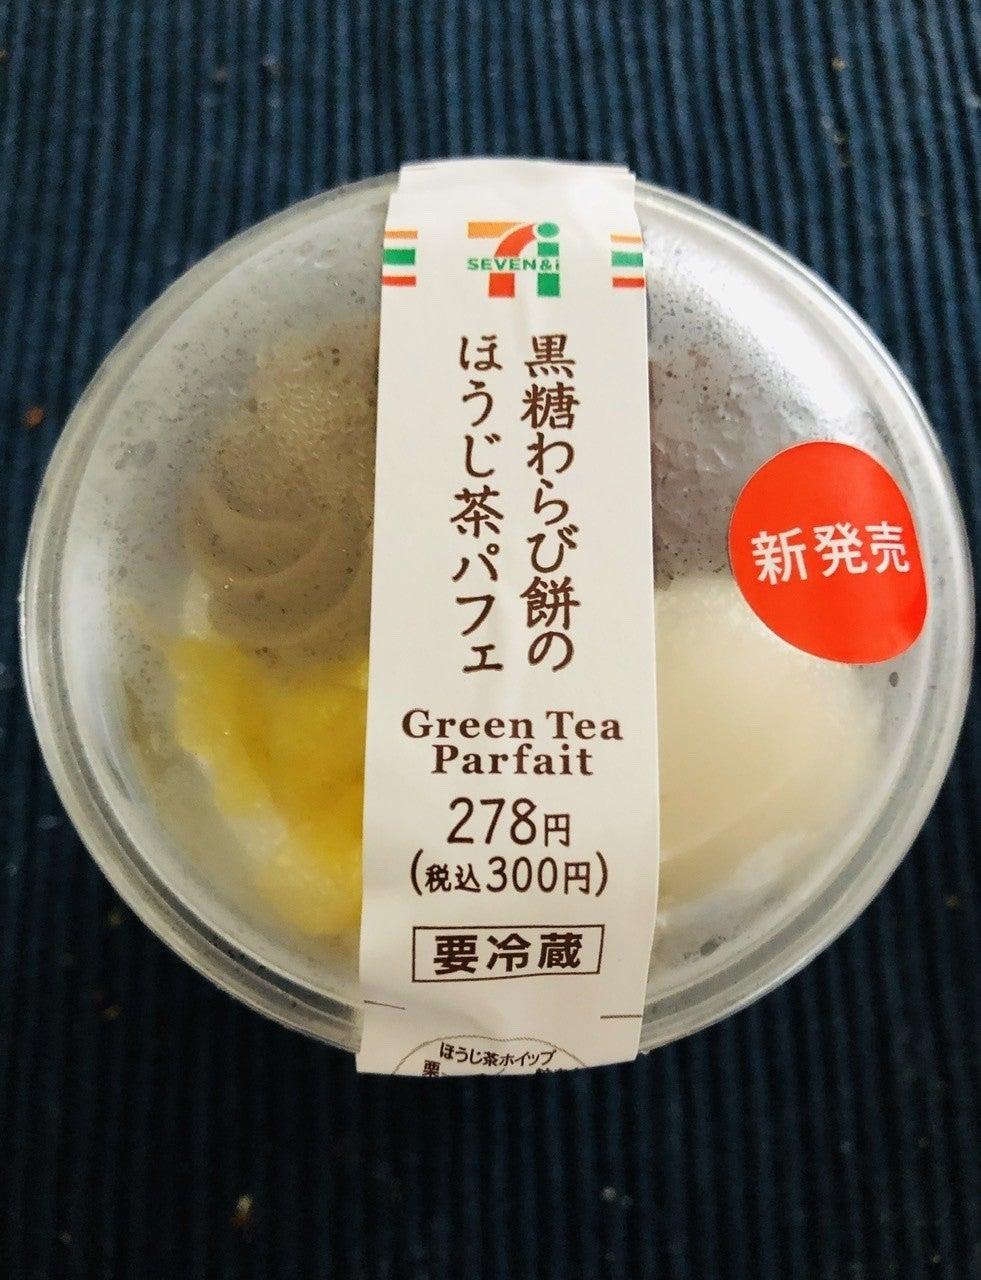 セブン イレブン 黒糖わらび餅のほうじ茶パフェ Oyo Note